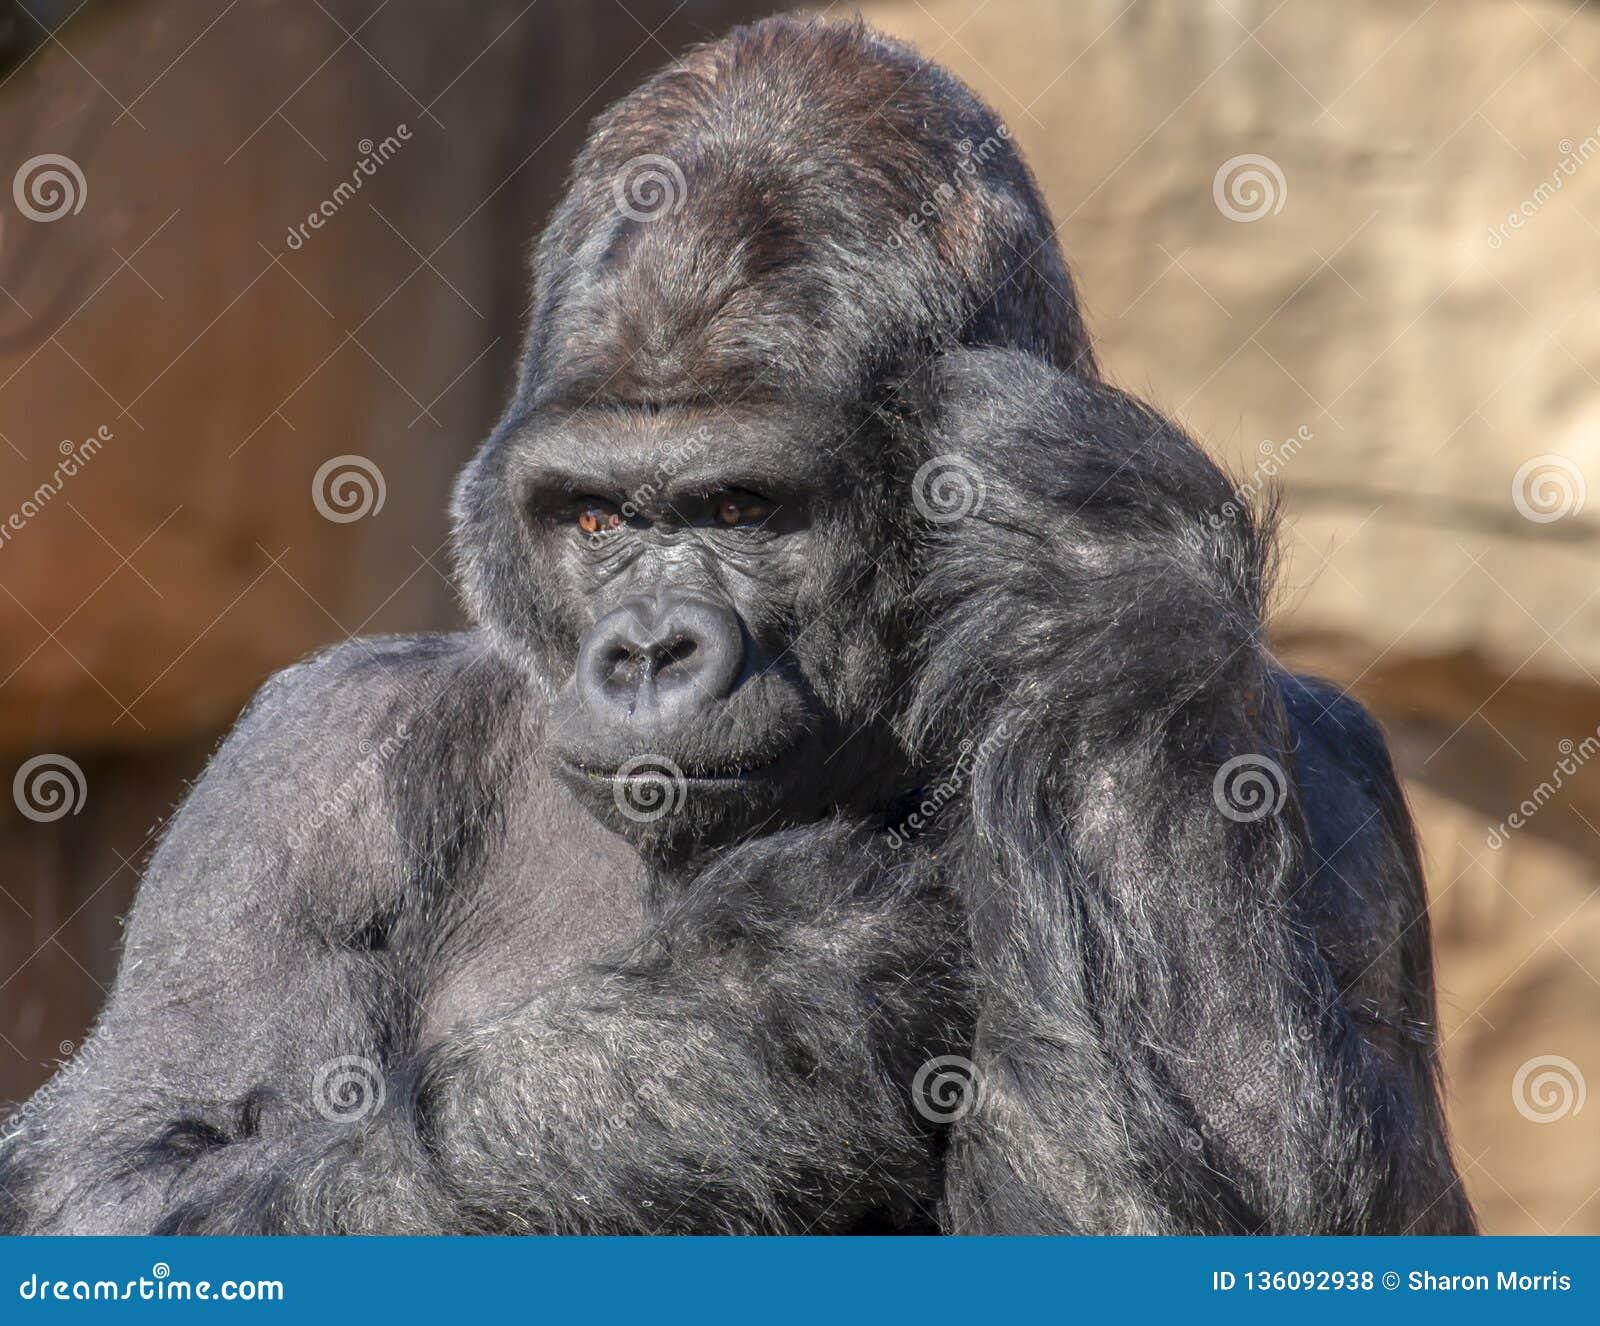 O gorila que os olhares gostam do ele está falando no telefone